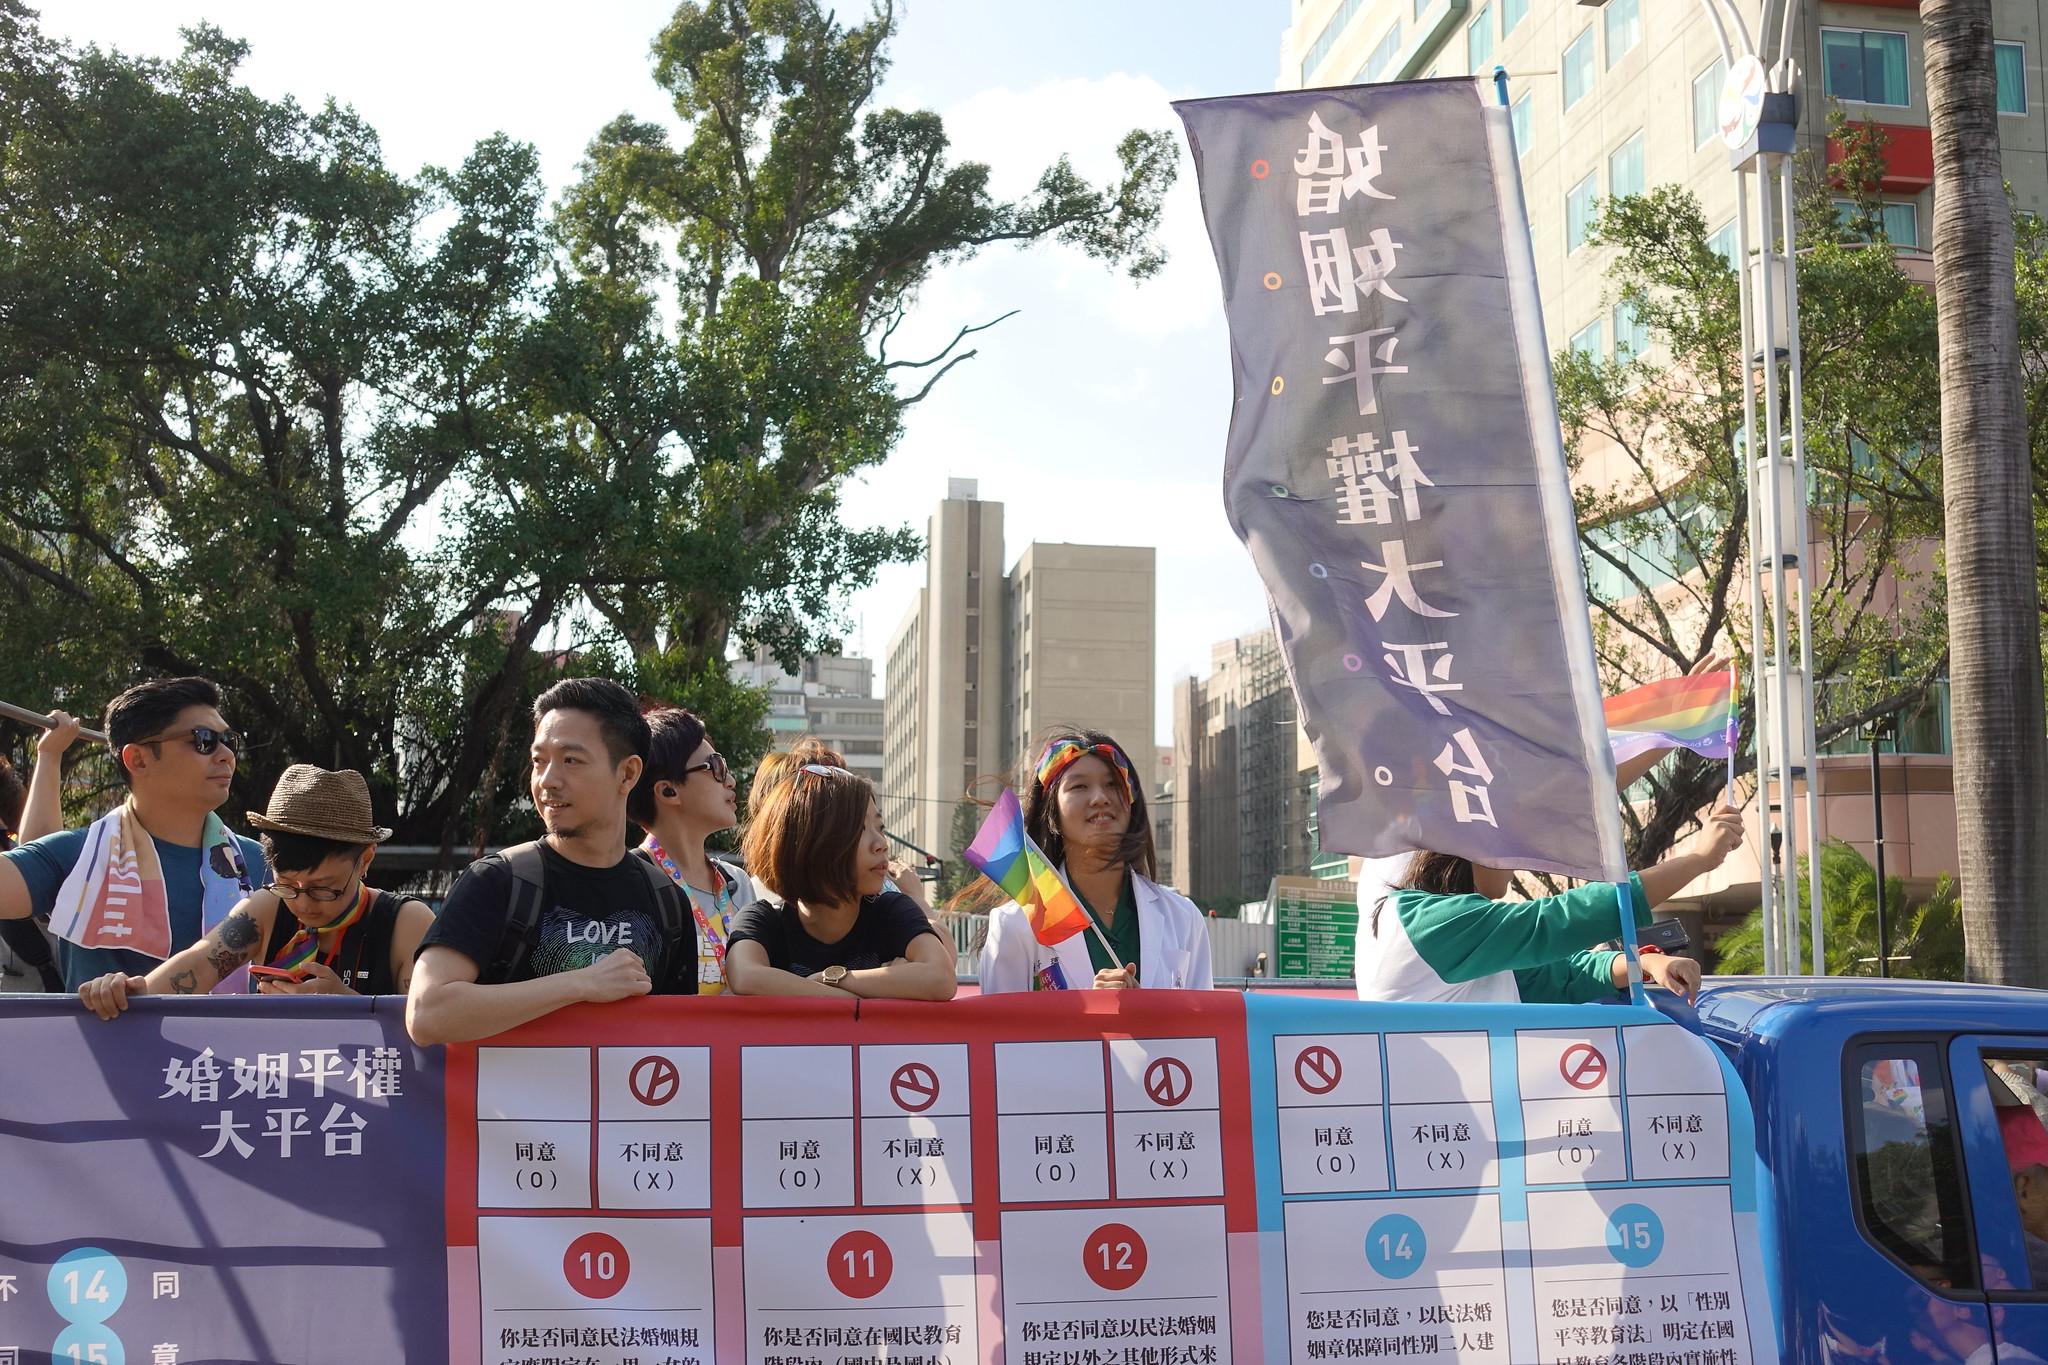 針對五個跟同志有關的公投案,婚姻平權大平台呼籲投下「兩好三壞」。(攝影:張智琦)